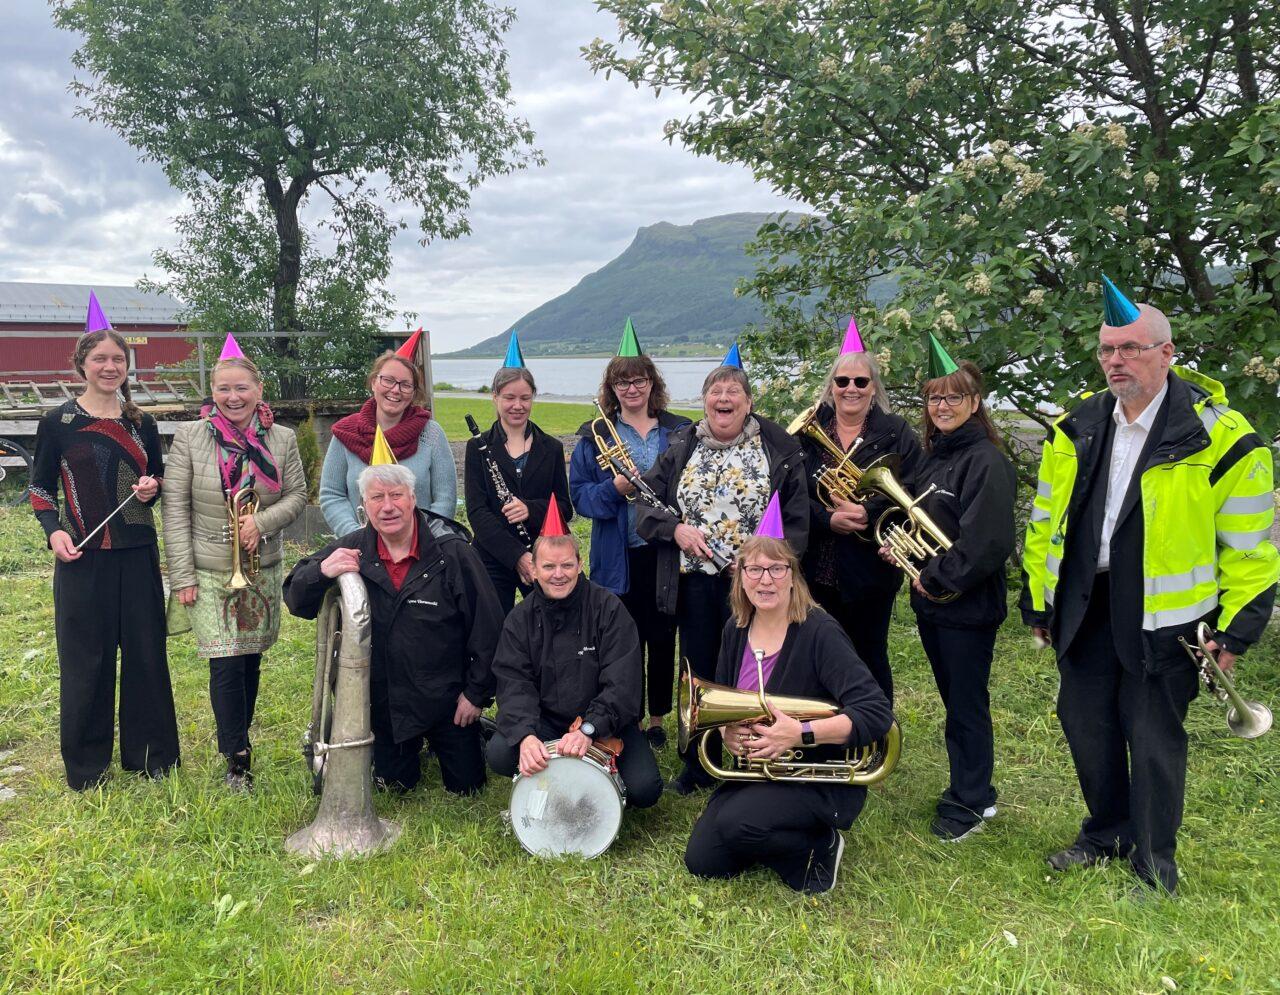 Nesna hornmusikks medlemmer